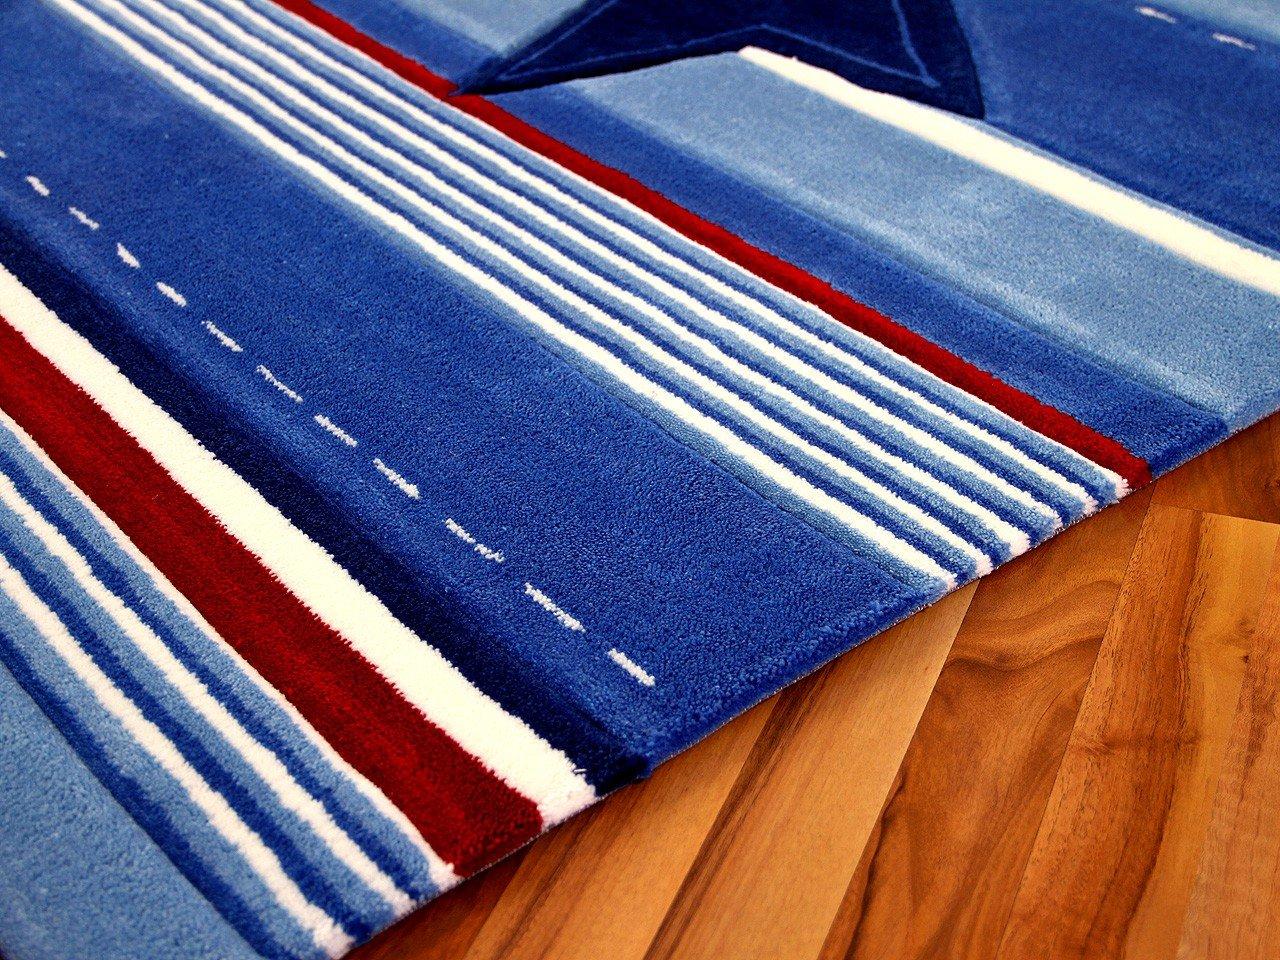 Kinderteppich blau  Amazon.de: Lifestyle Kinderteppich Blau Stern in 3 Größen ...